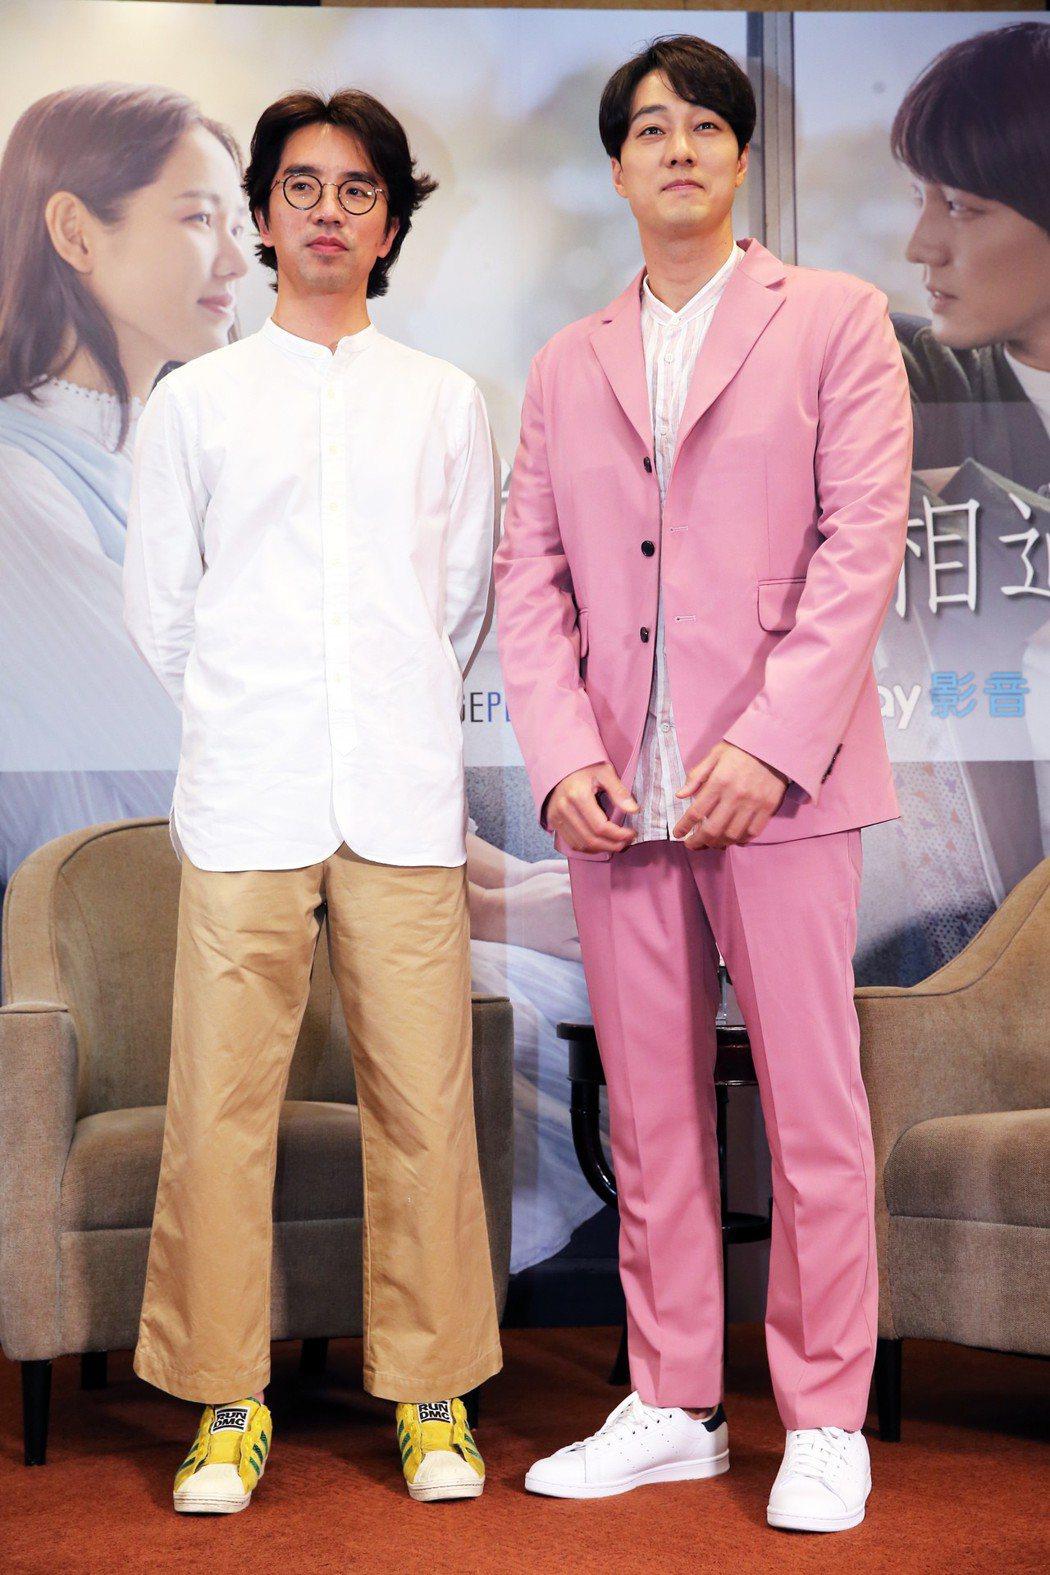 韓星蘇志燮和導演李章焄27日來台,為電影「雨妳再次相遇」宣傳。記者徐兆玄/攝影